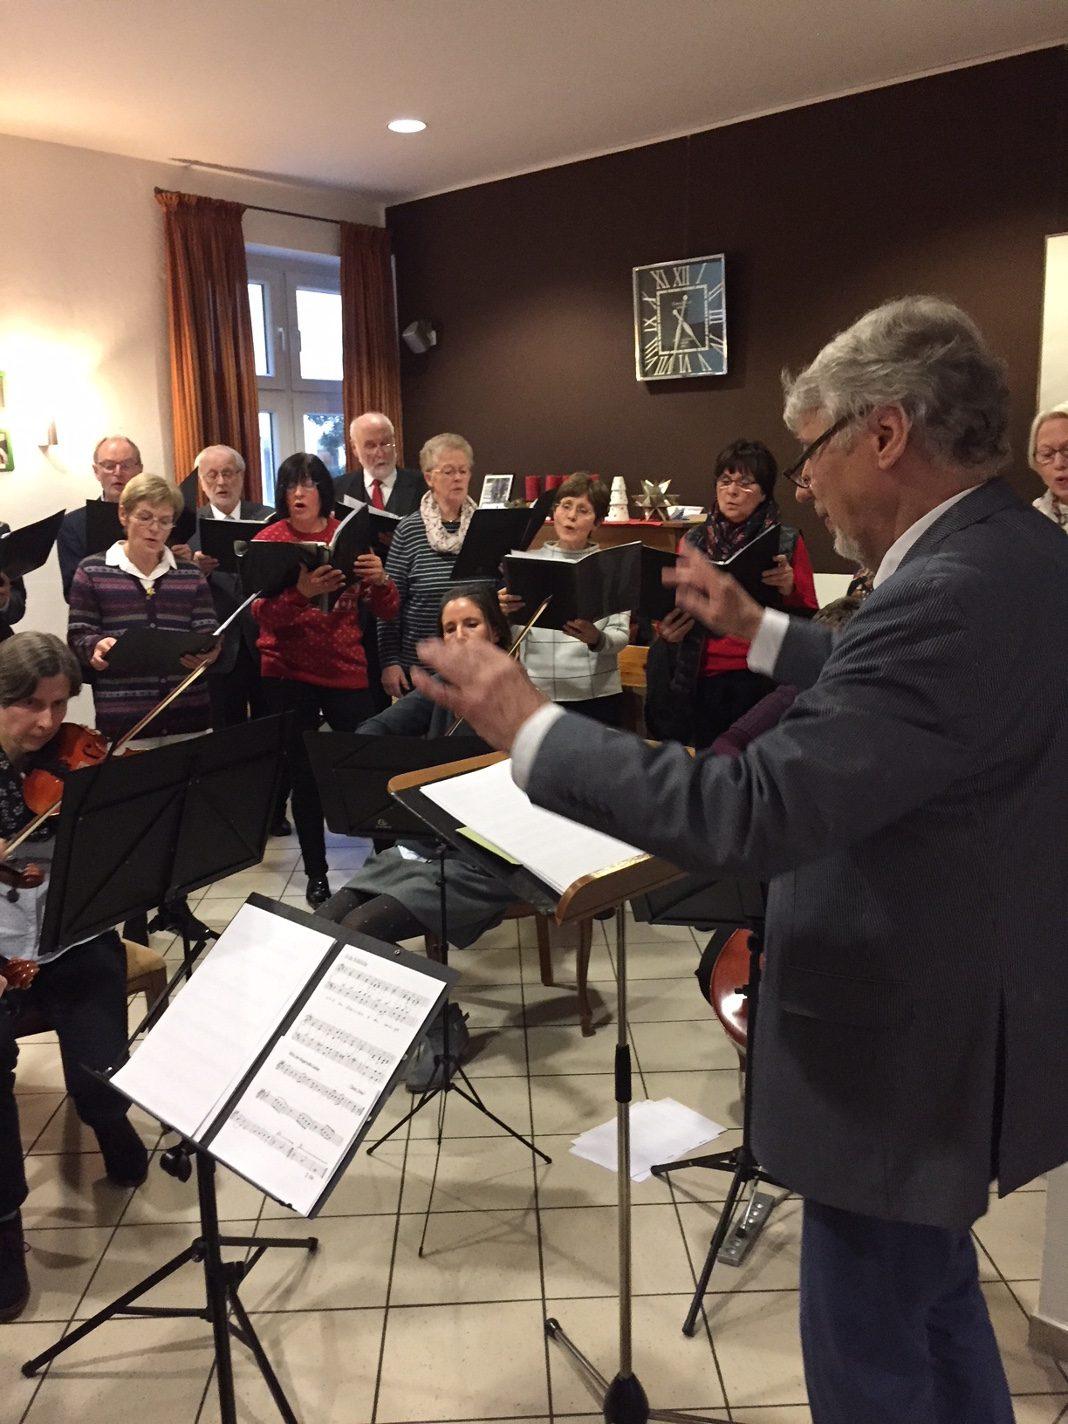 attendorner geschichten - franziskanerhof madrigalchor